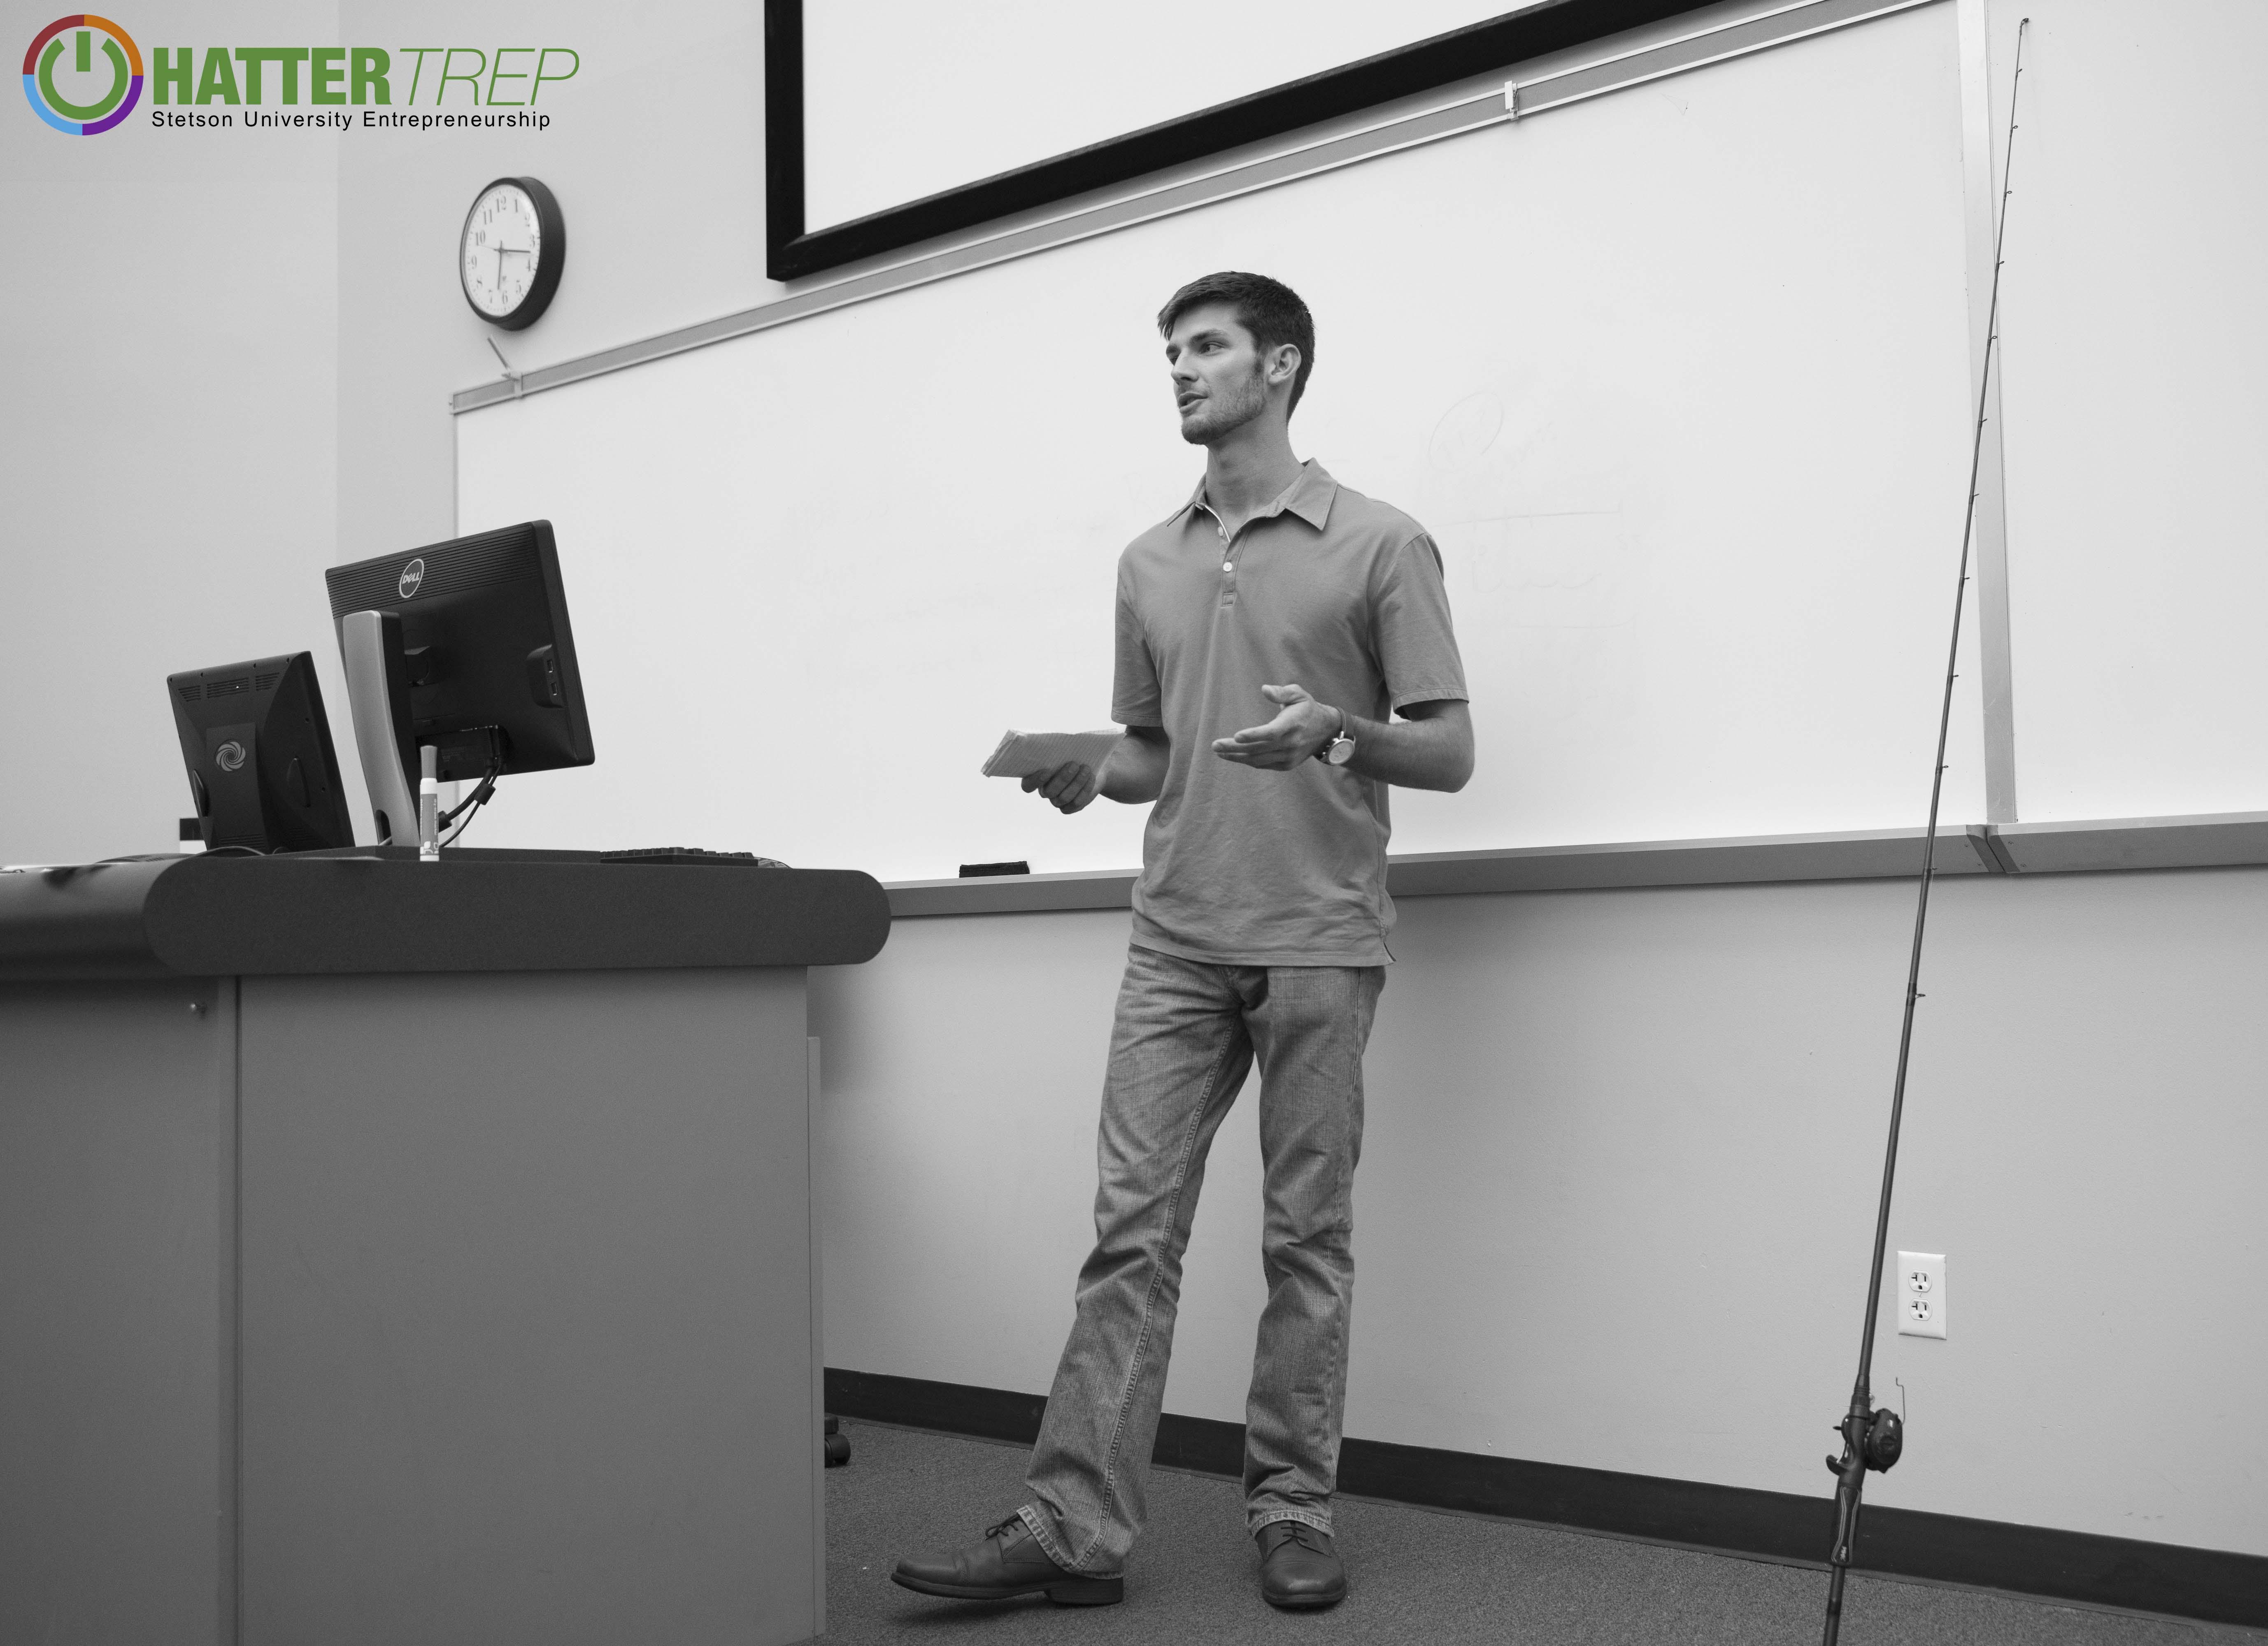 Thomas Oltorik presenting his business idea